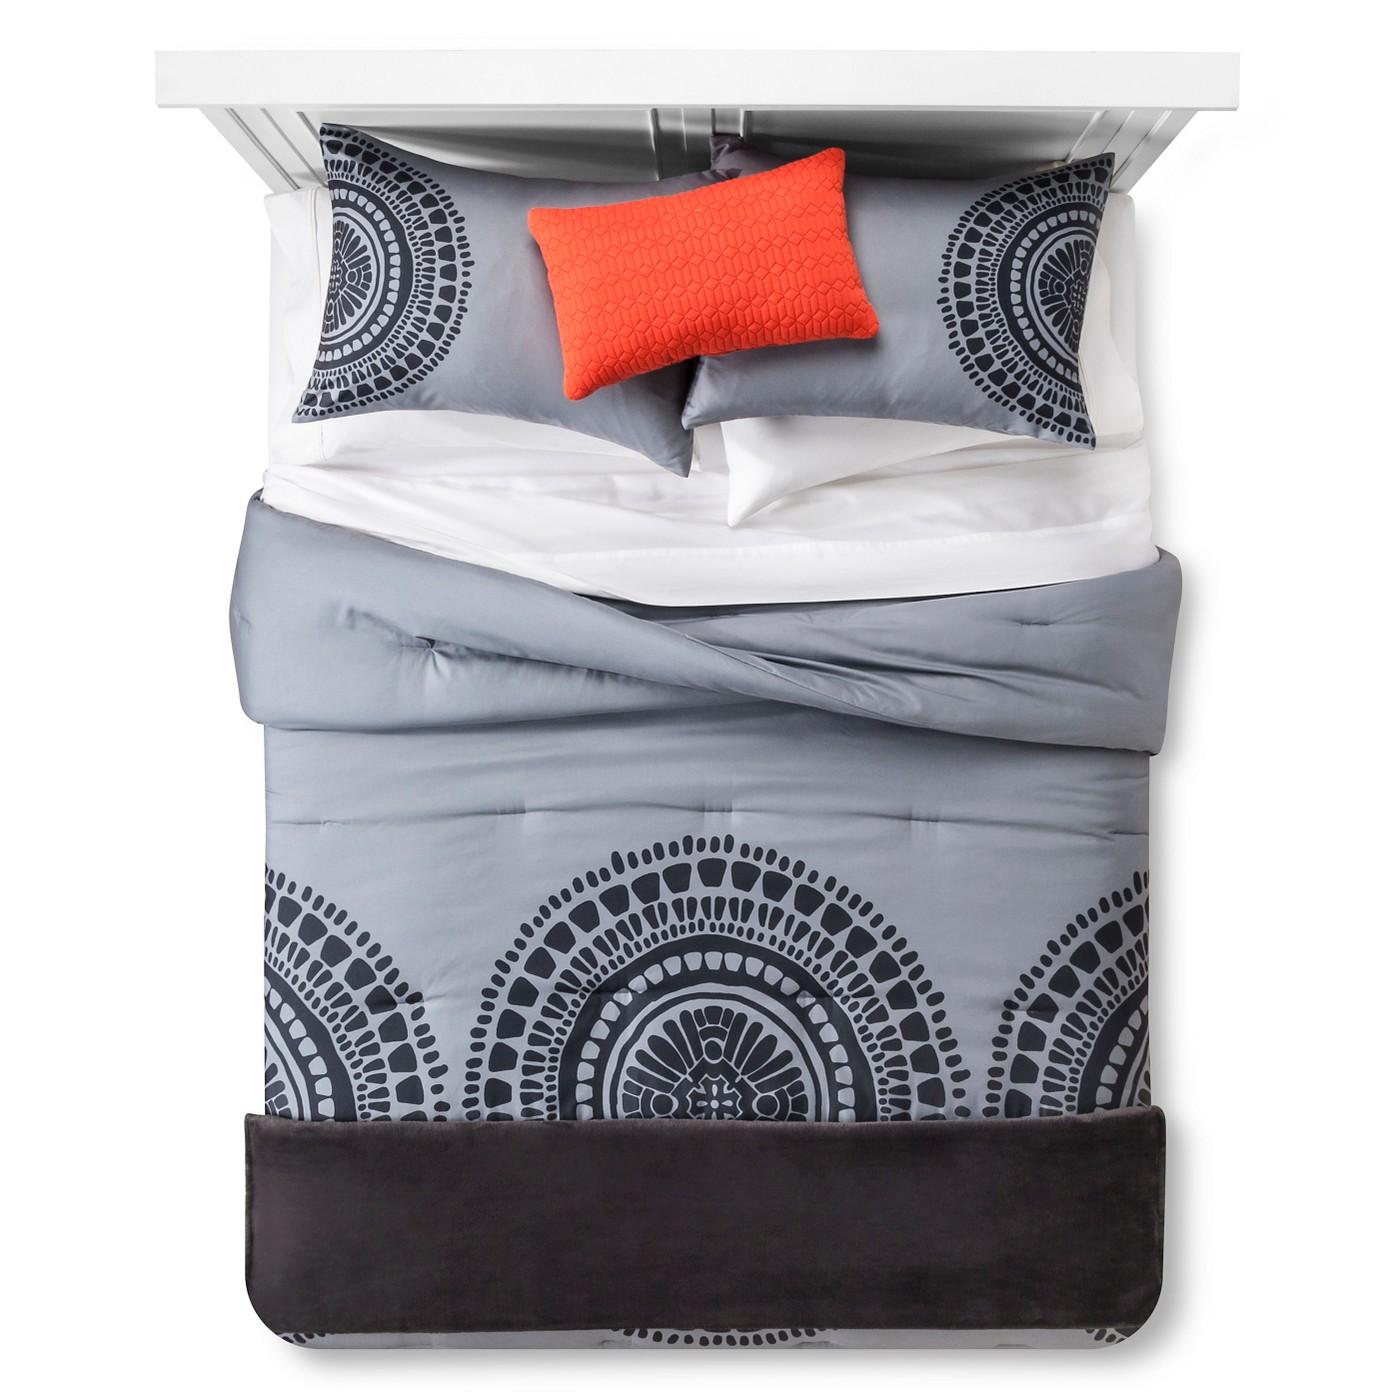 Large Medallion Comforter Set - Room Essentials™ - image 1 of 3